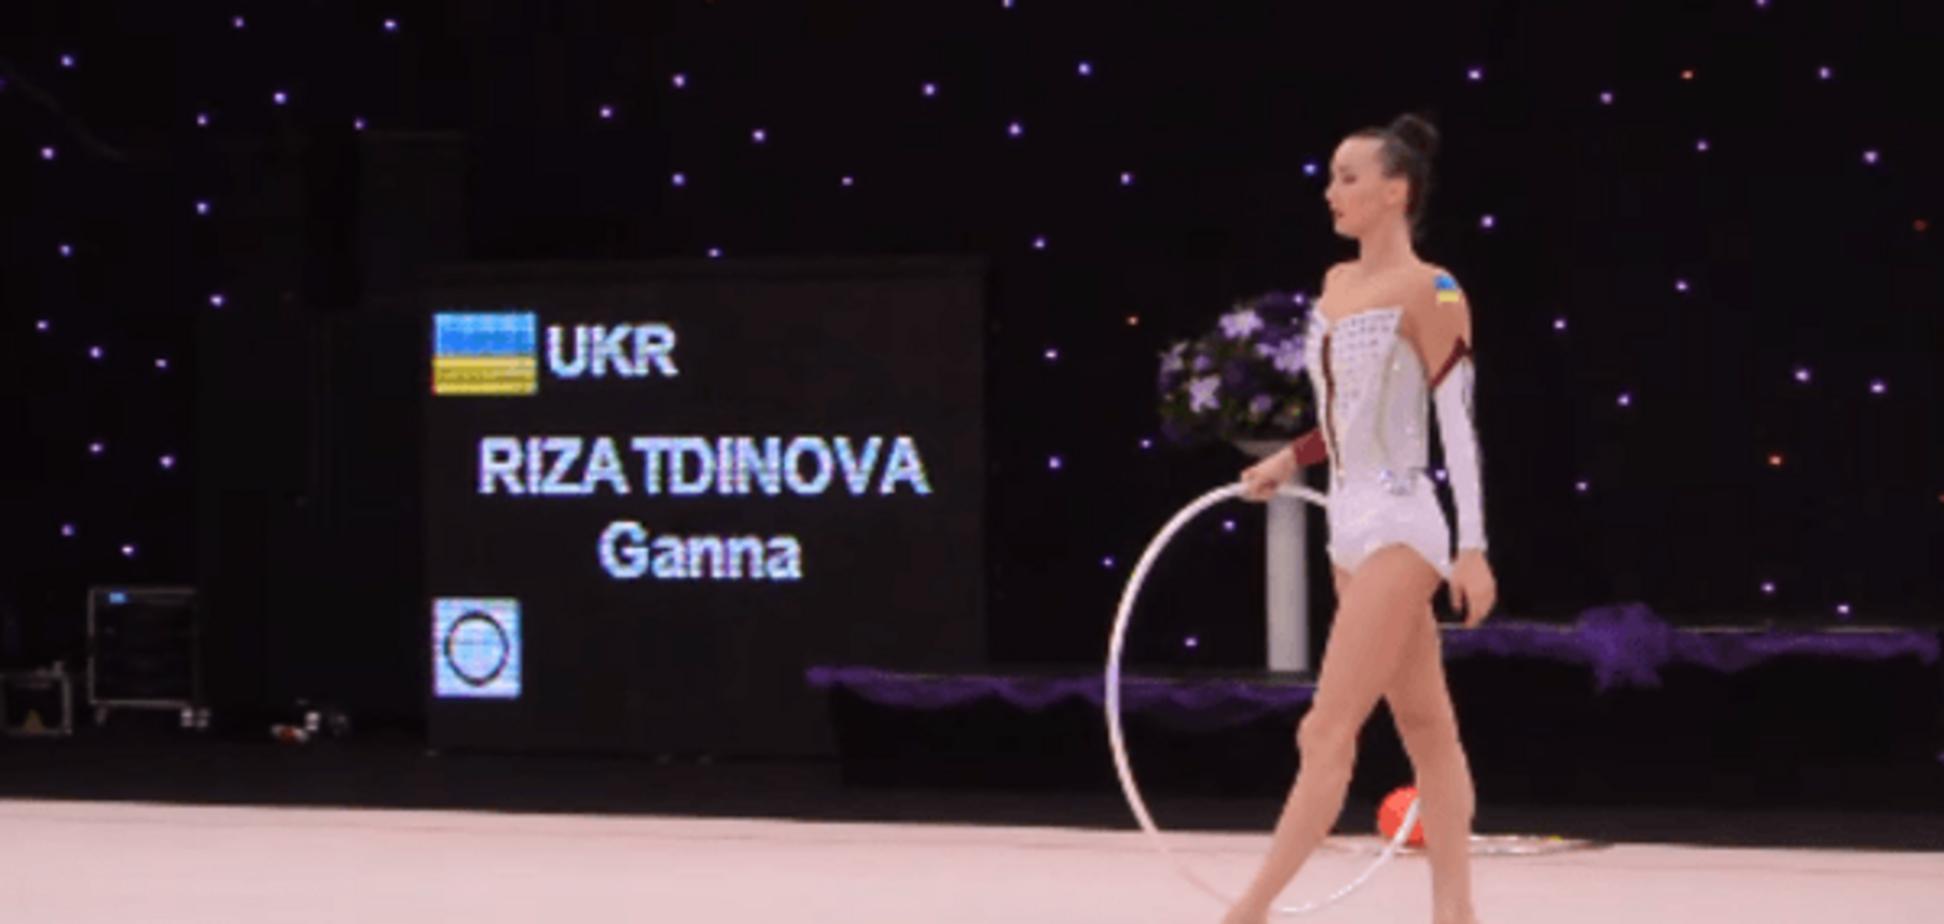 'Україна!' Кримська гімнастка викликала фурор на міжнародному турнірі: відео овацій